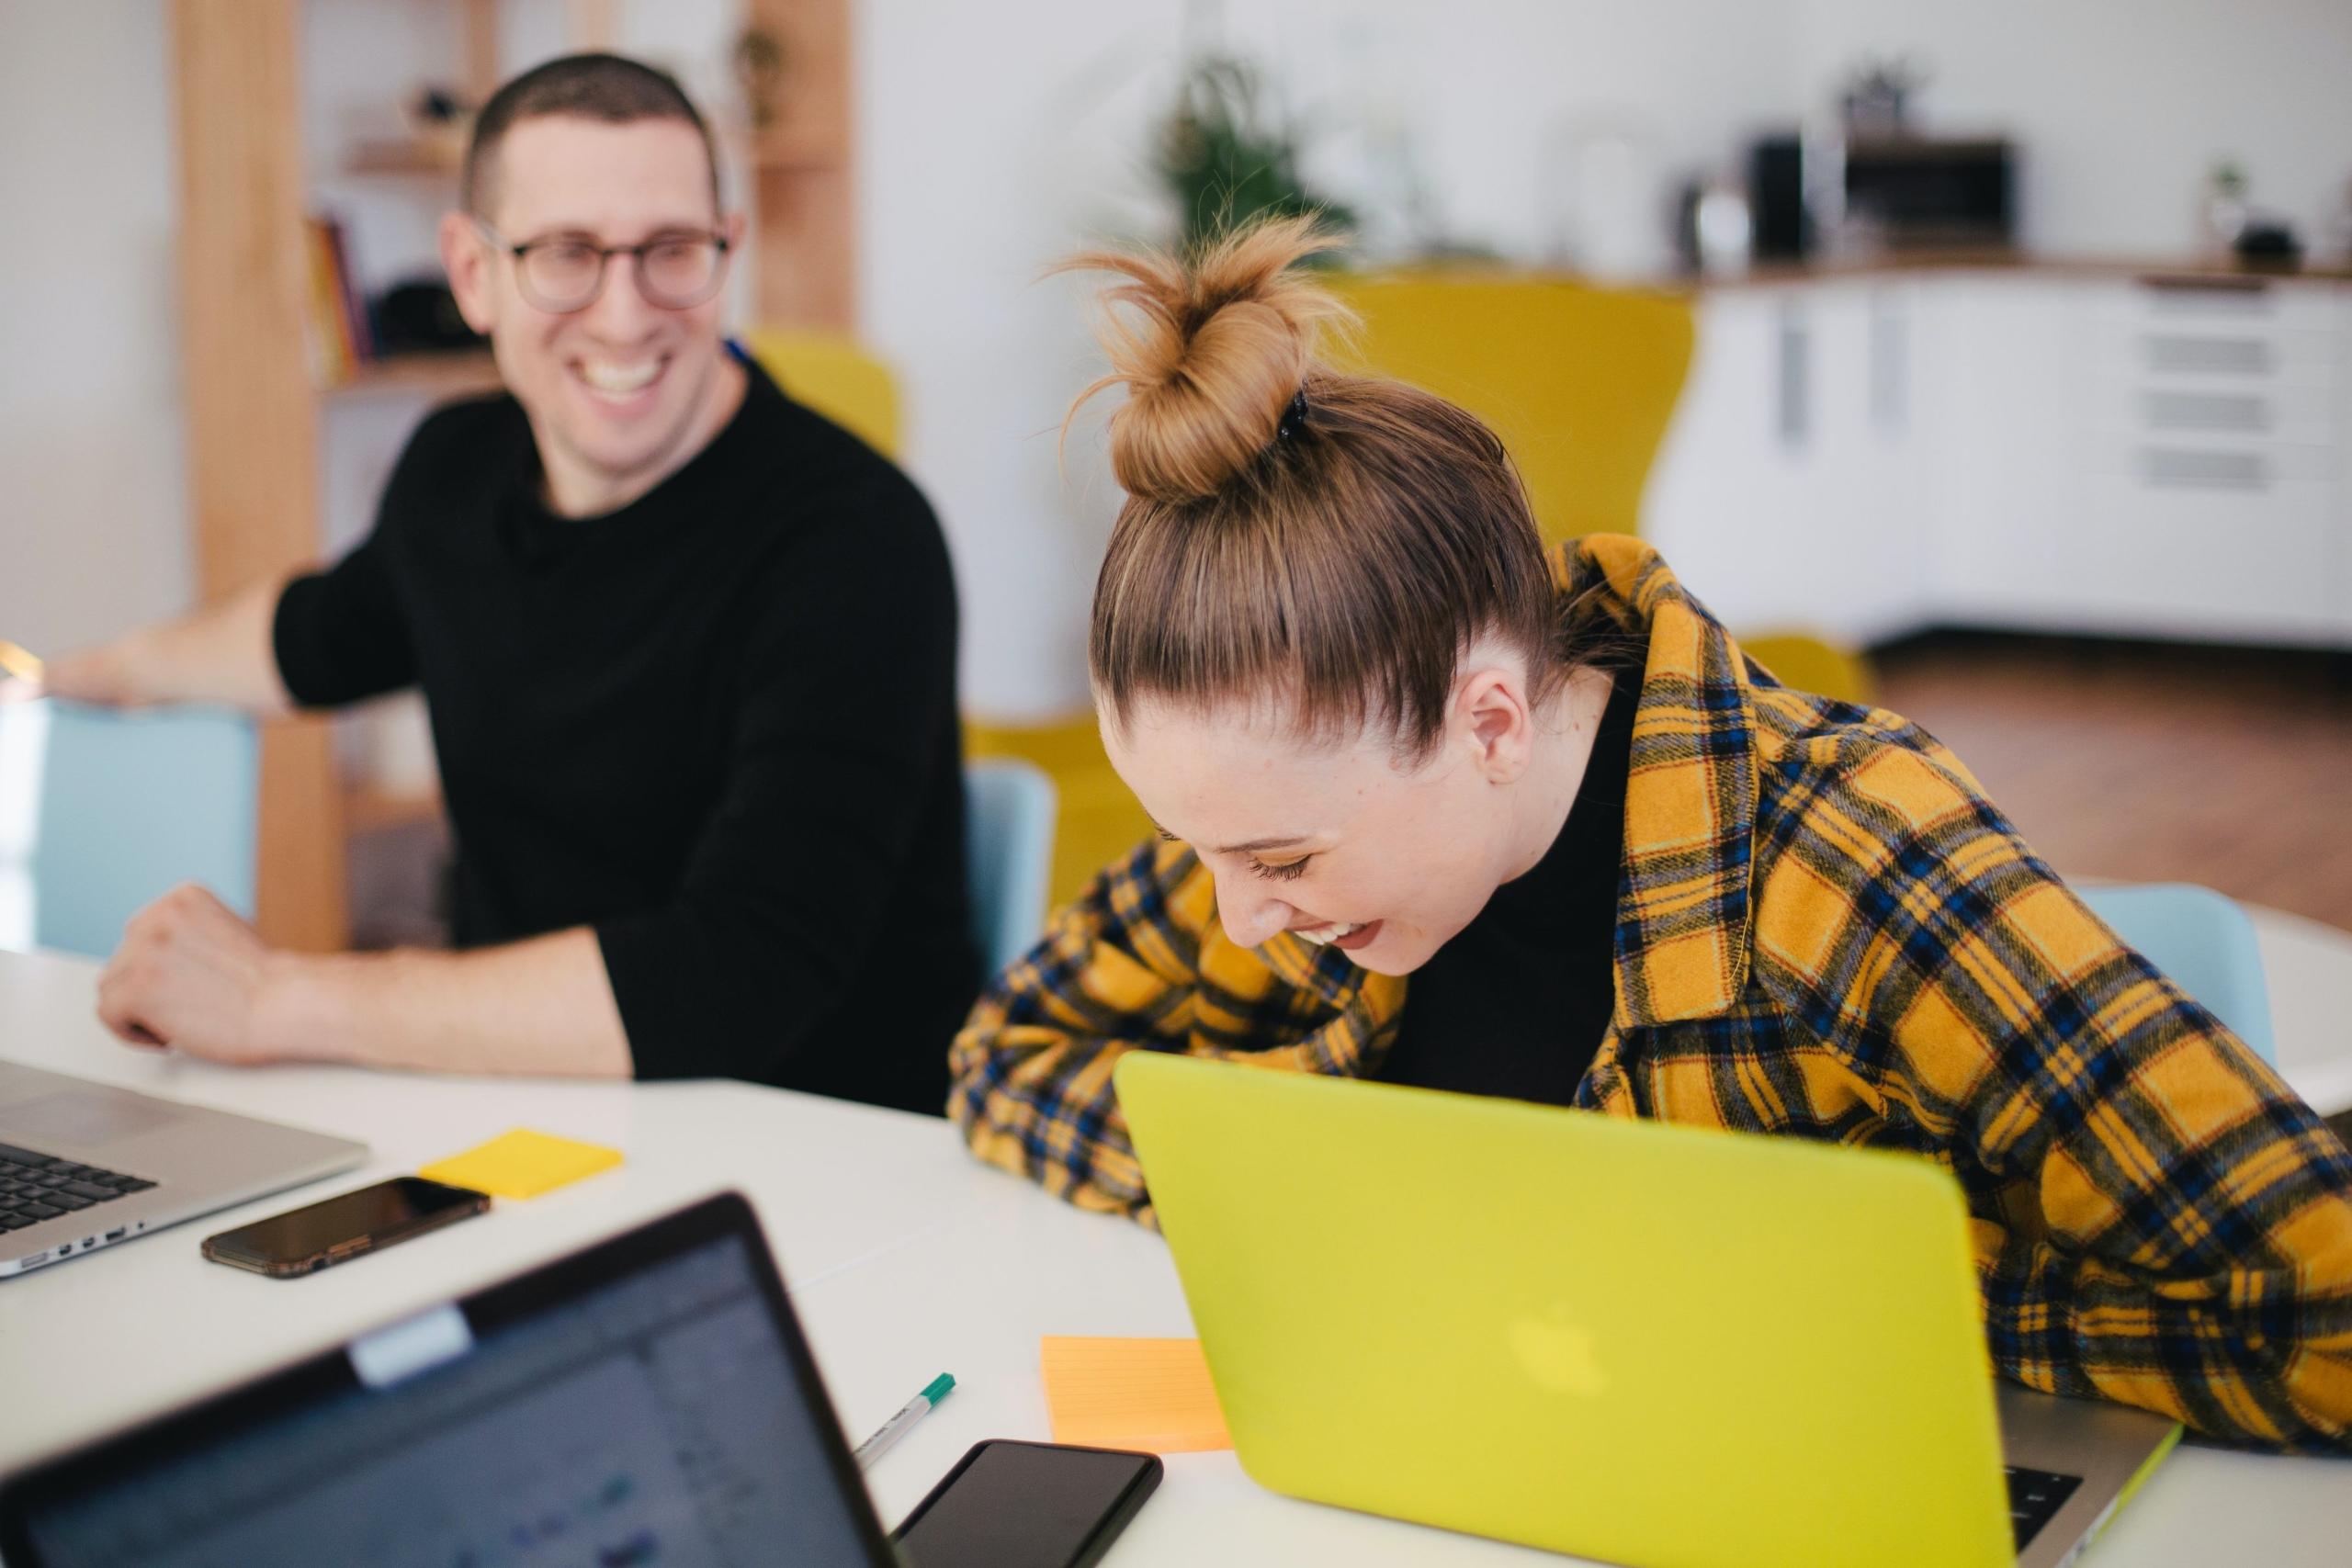 Jungen Menschen sitzen am Schreibtisch vor einem Laptop und lachen.